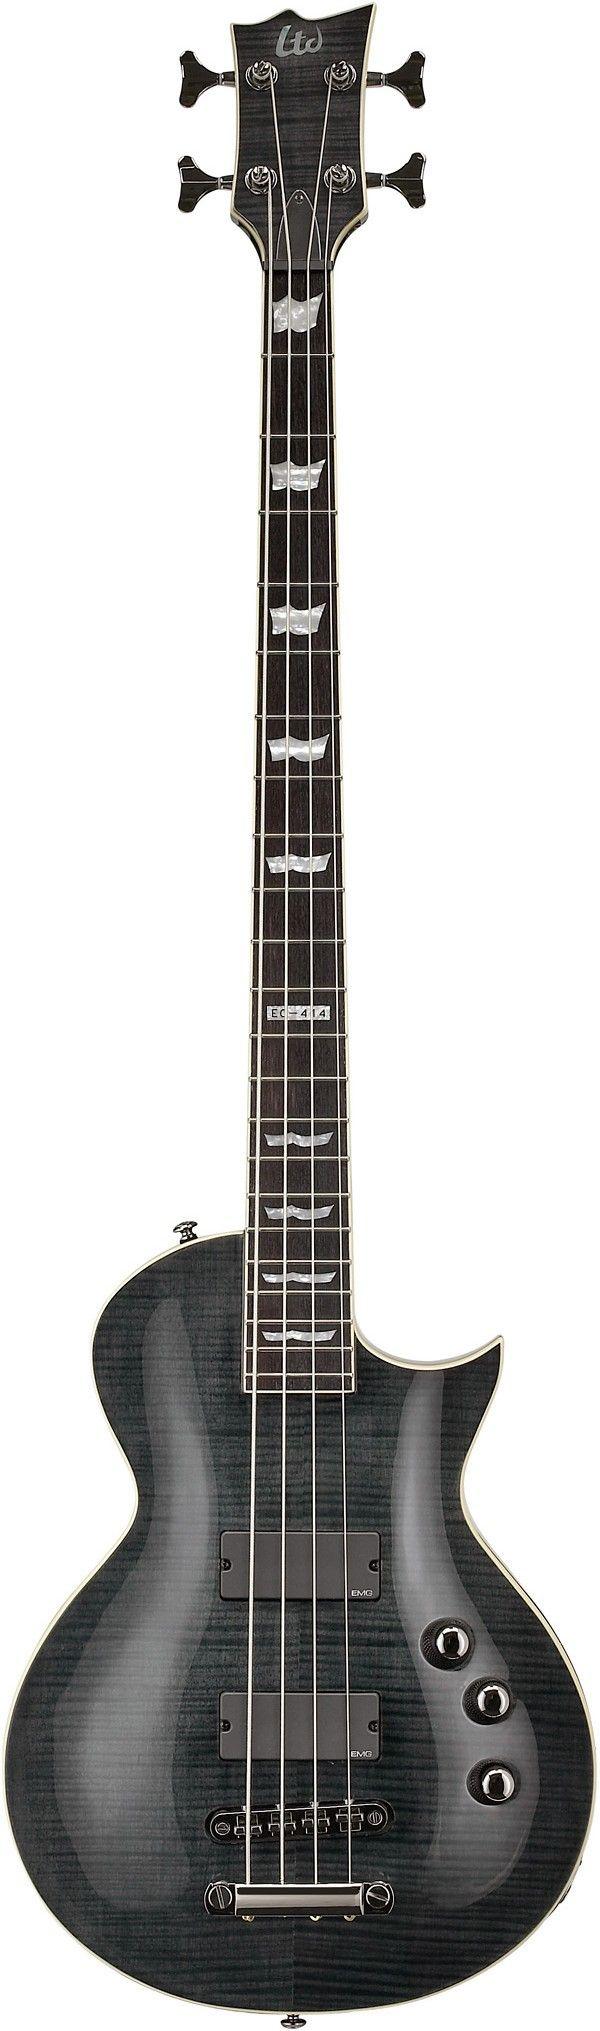 ESP LTD EC-414FM | Guitars | Pinterest | Bass, Guitars and Instruments